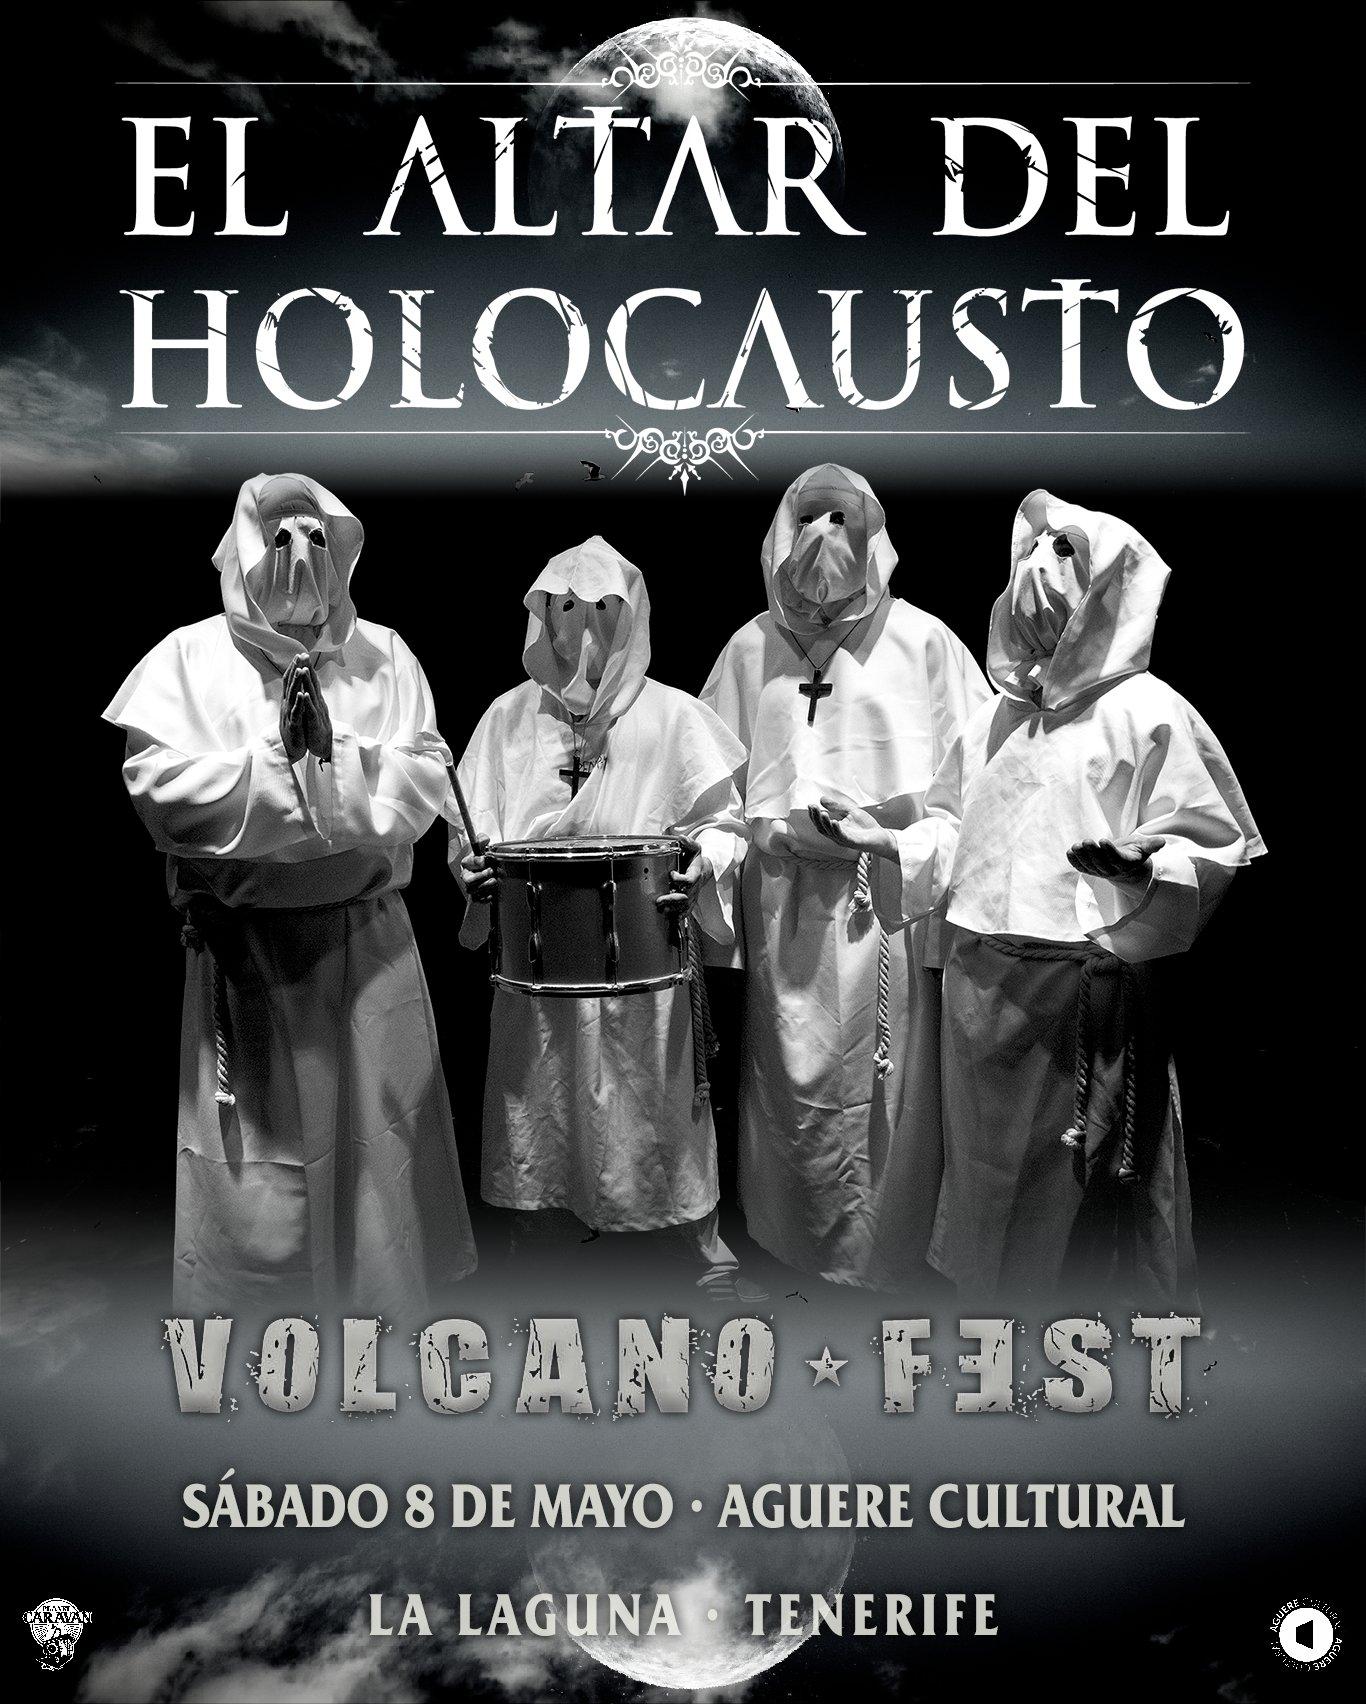 El Altar Del Holocausto: ¡¡¡✞ T R I N I DAD - Nuevo album disponible✞ !!!!! - Página 16 EyTJLTUXAAIztIu?format=jpg&name=large